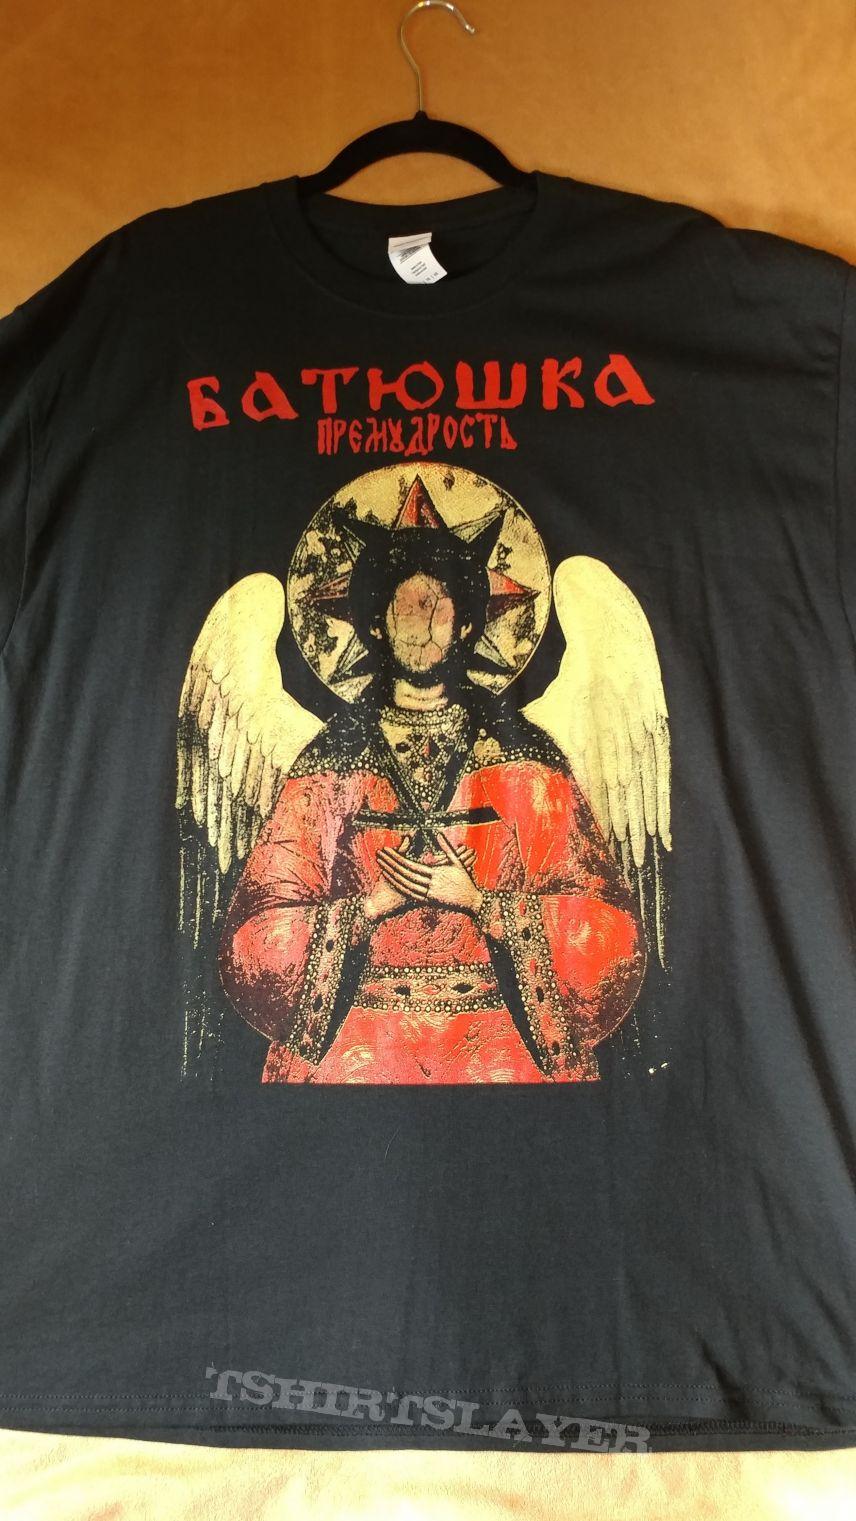 Batushka shirt